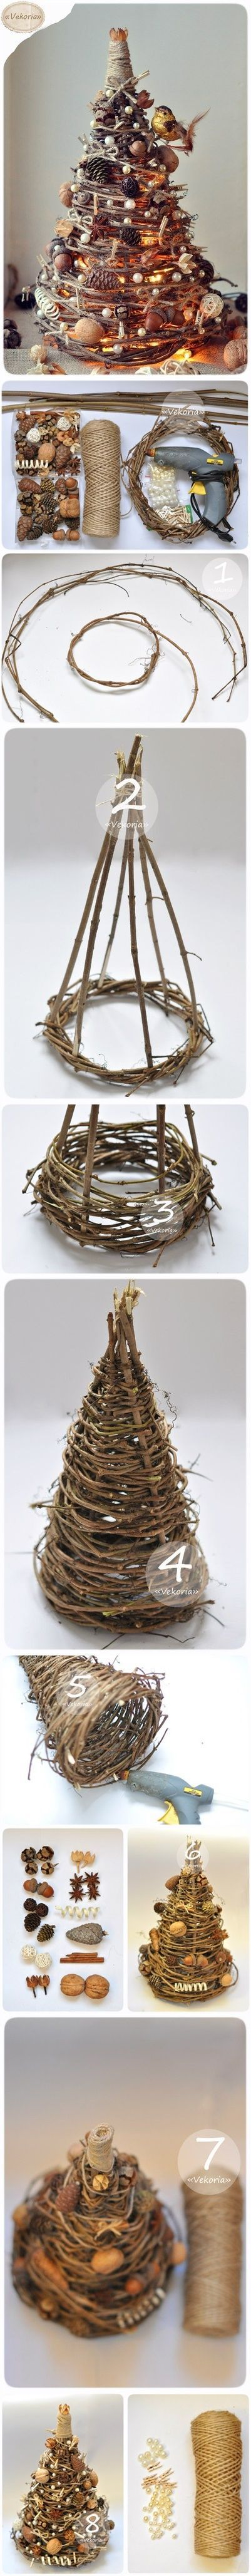 """Über 1.000 Ideen zu """"Weihnachtsbaum Ornamente auf Pinterest ..."""